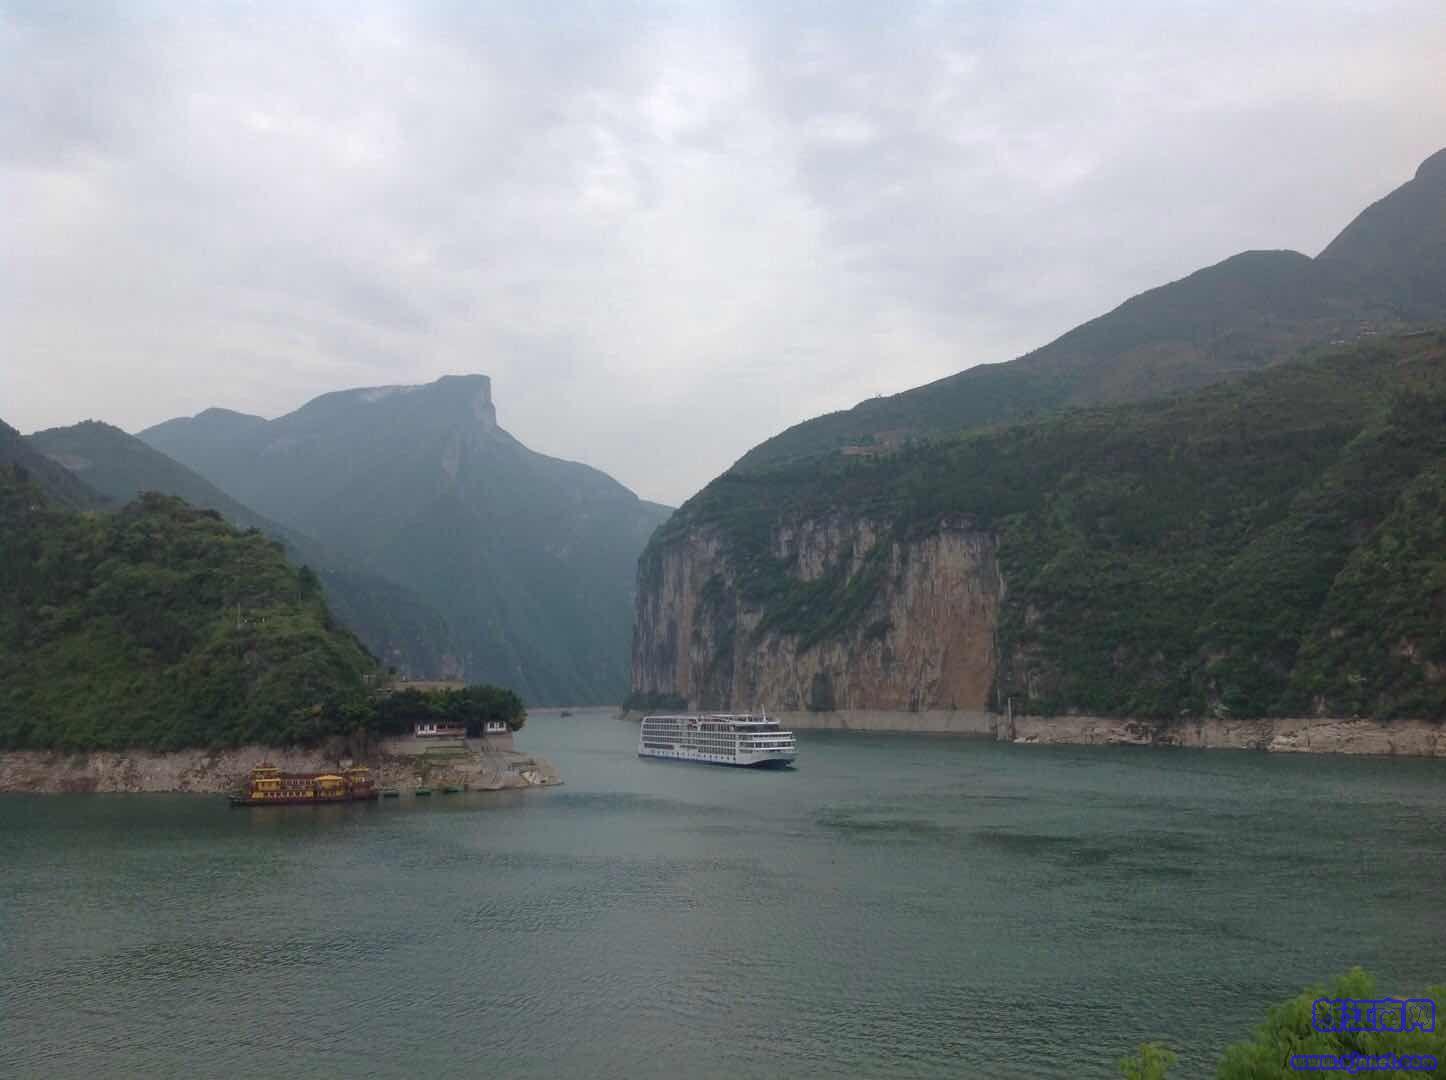 长江三峡游记,美景美不胜收,跟夫人一起畅游,共享这份难忘的旅游